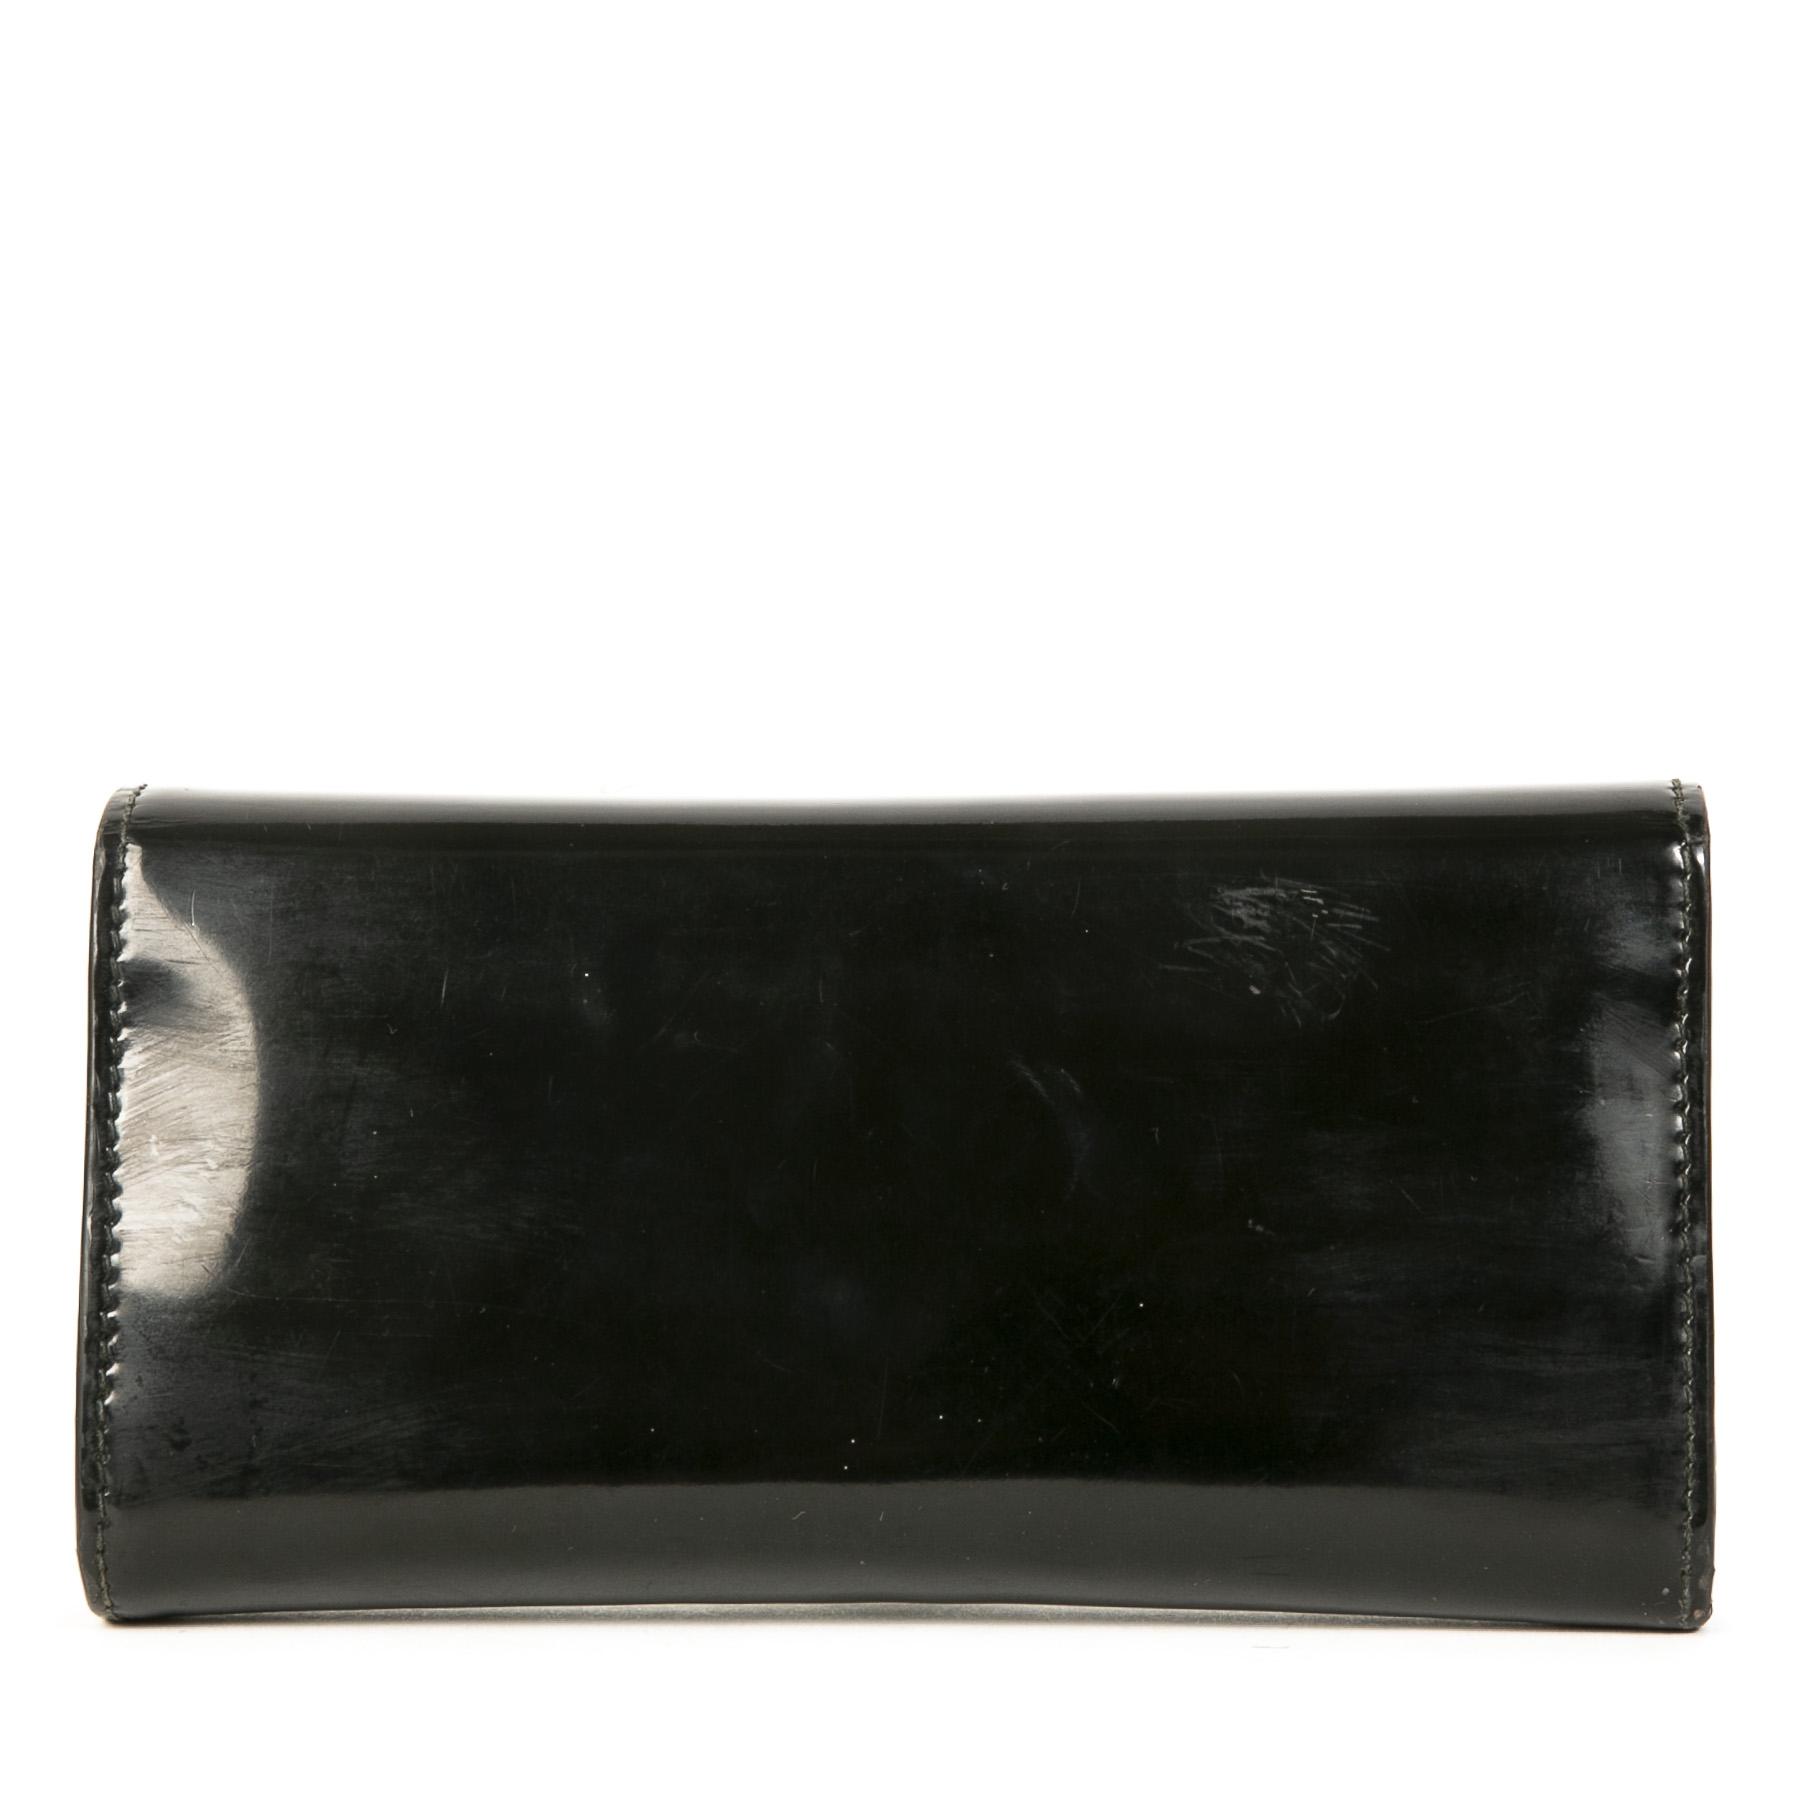 Authentieke Tweedehands Gucci Black Patent Leather GG Wallet juiste prijs veilig online shoppen luxe merken webshop winkelen Antwerpen België